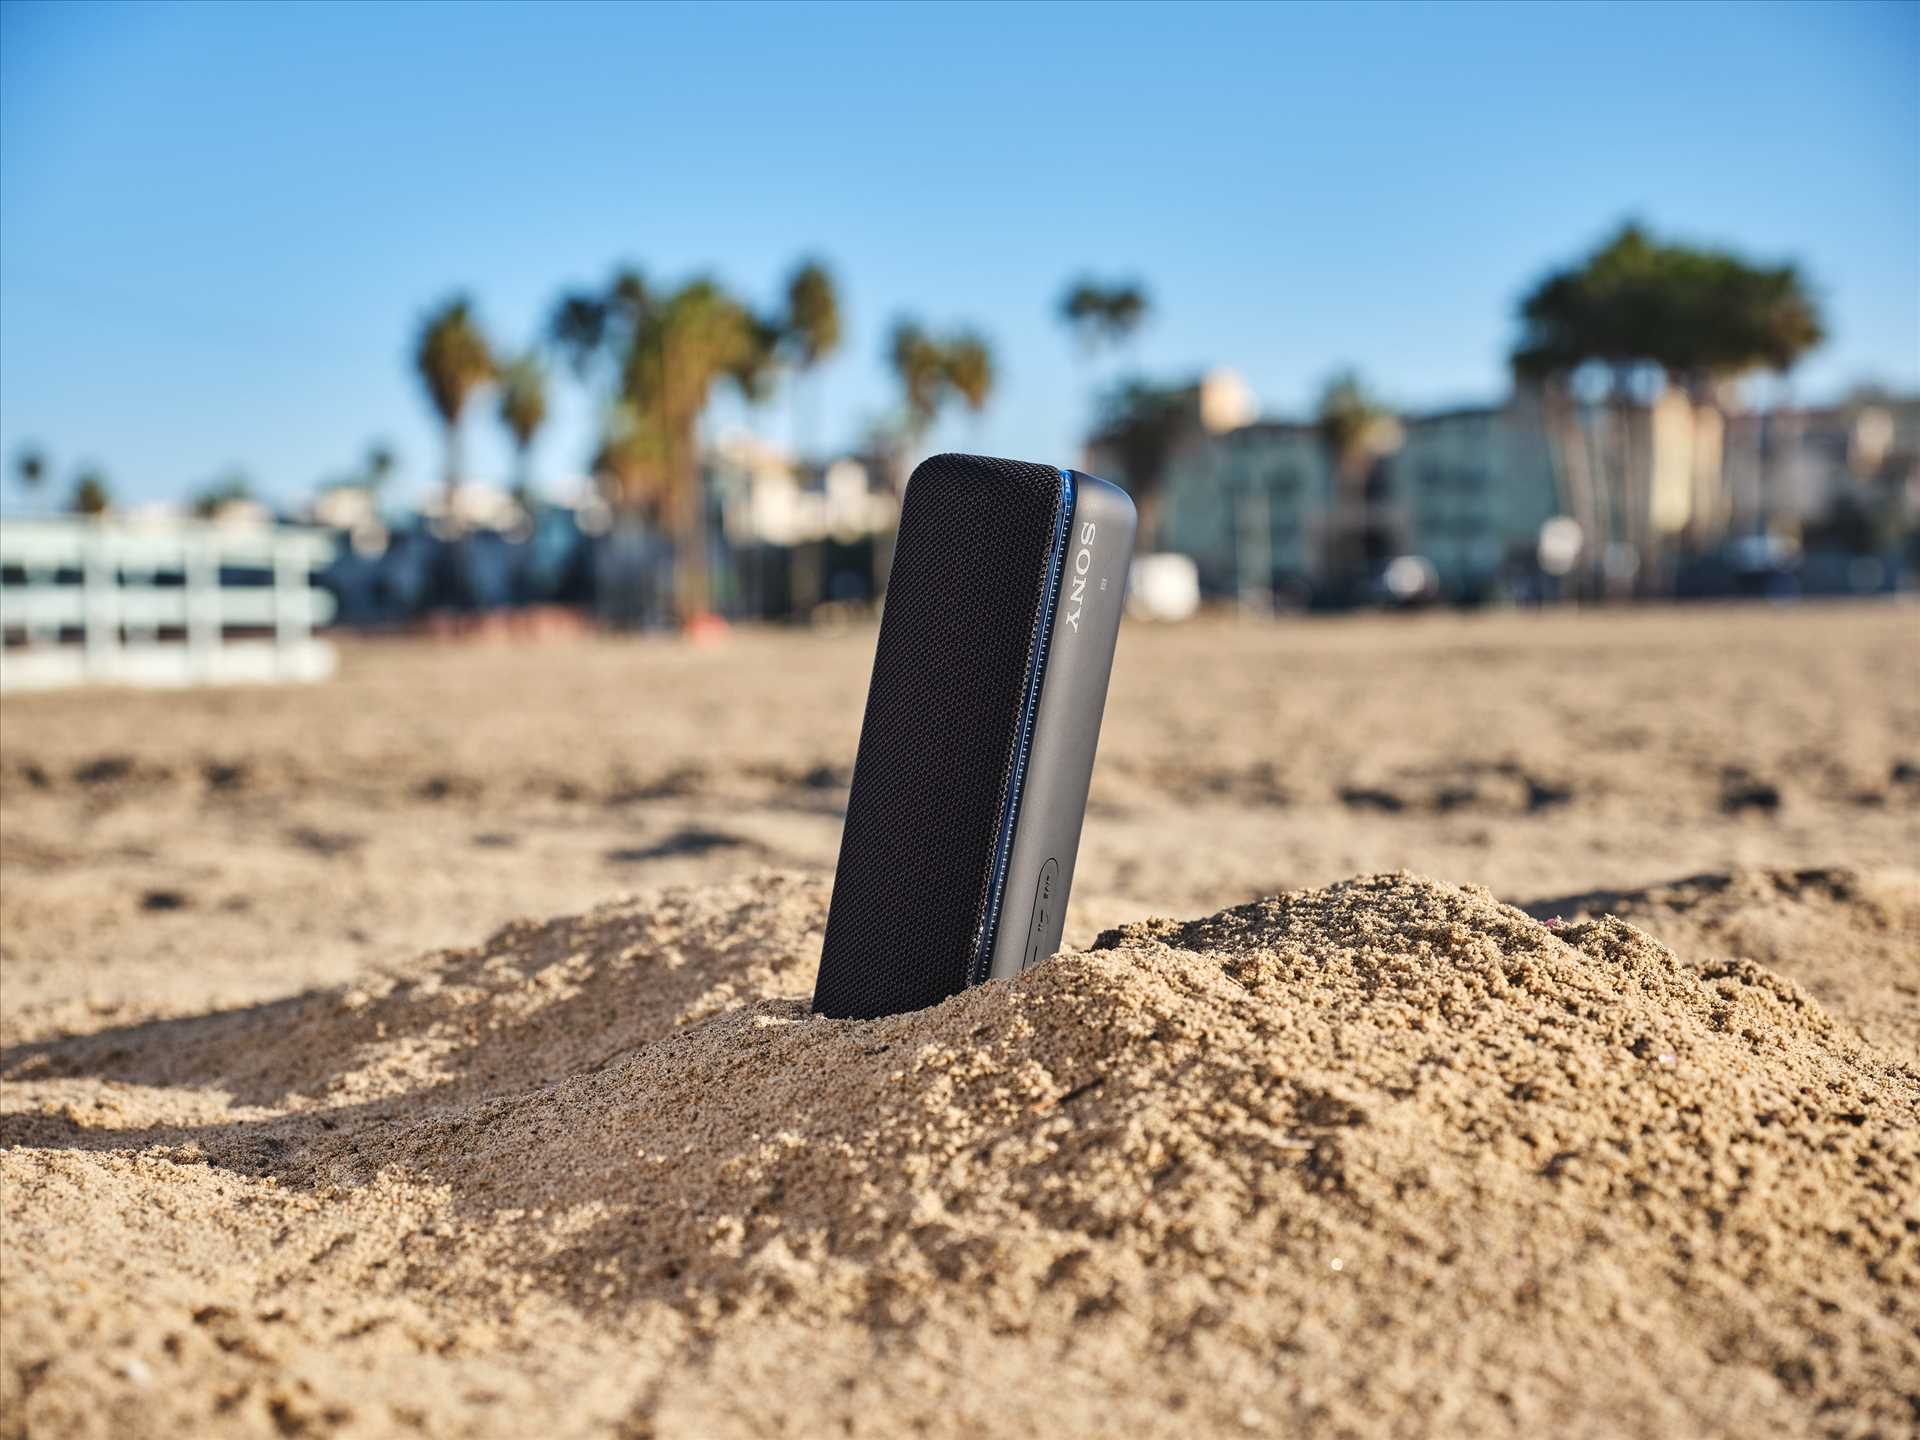 רמקול נייד שחור Sony SRS-XB32B סוני - תמונה 9